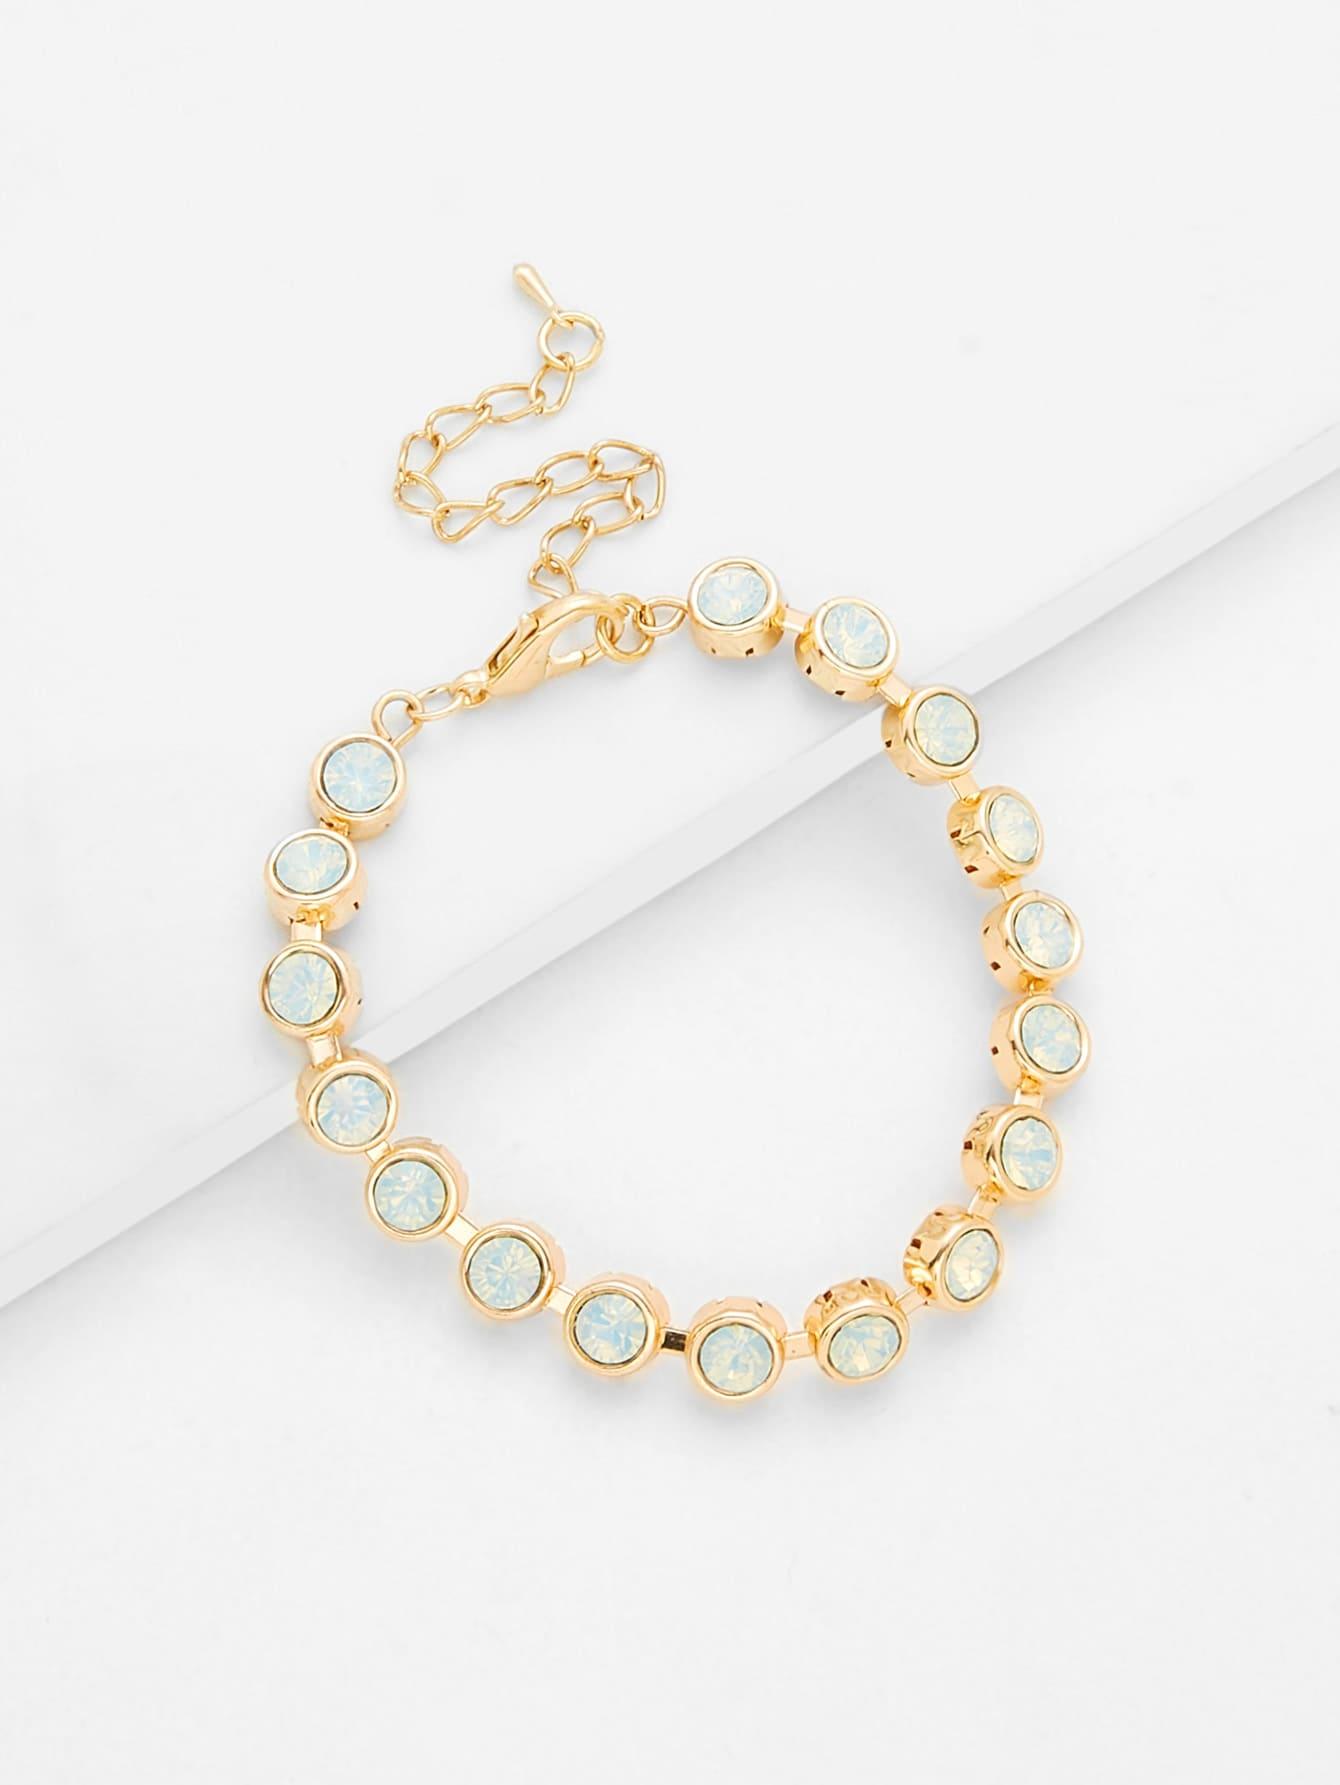 Crystal Beaded Bracelet dull polished mixed beaded bracelet